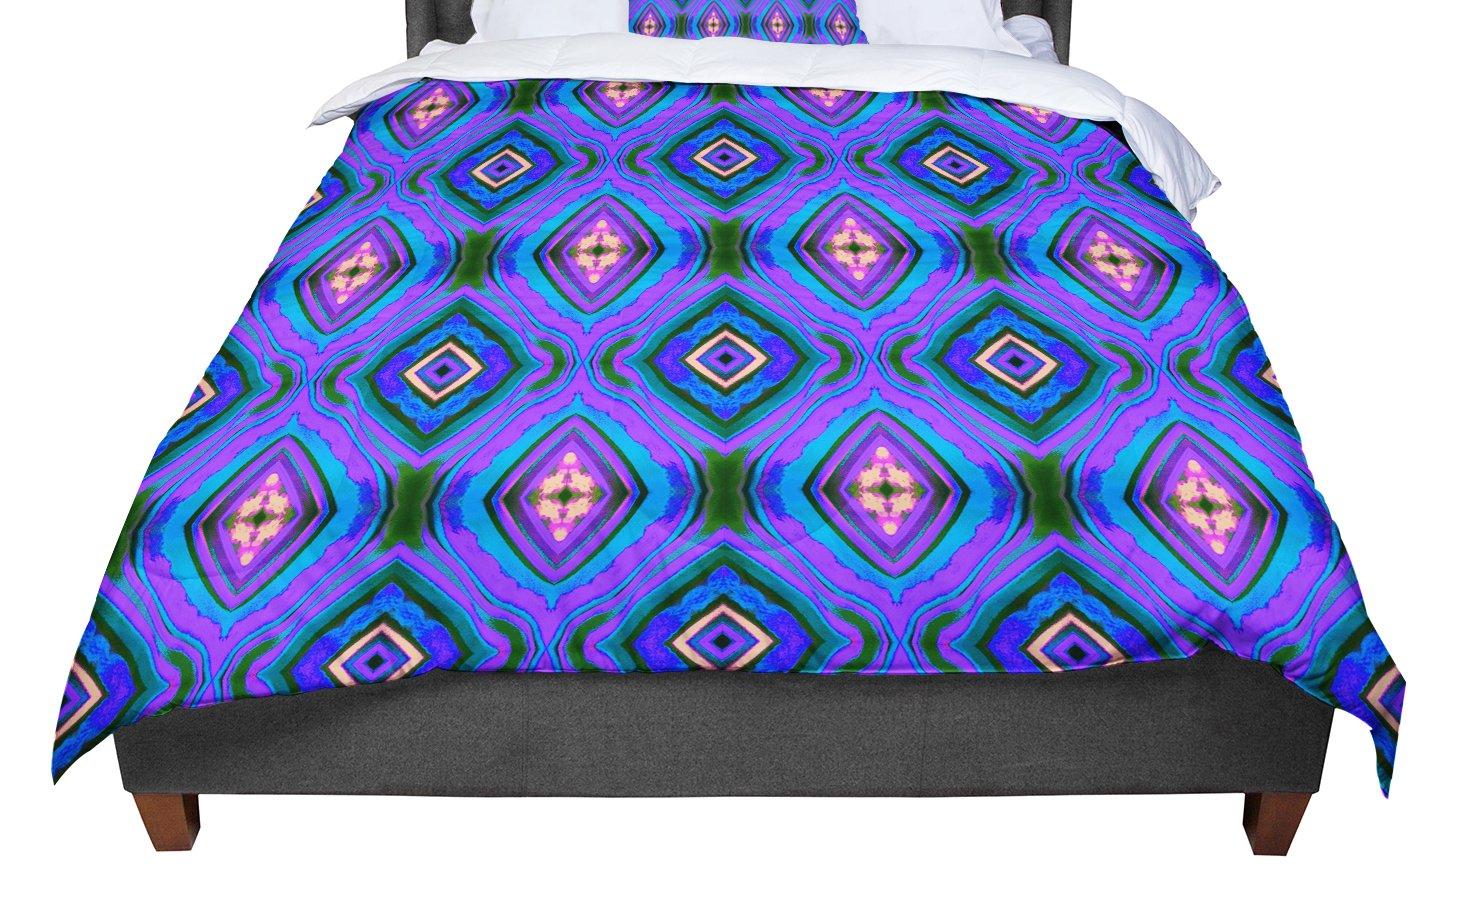 88 X 88 KESS InHouse Anne LaBrie Dark Diamond Purple Blue Queen Comforter